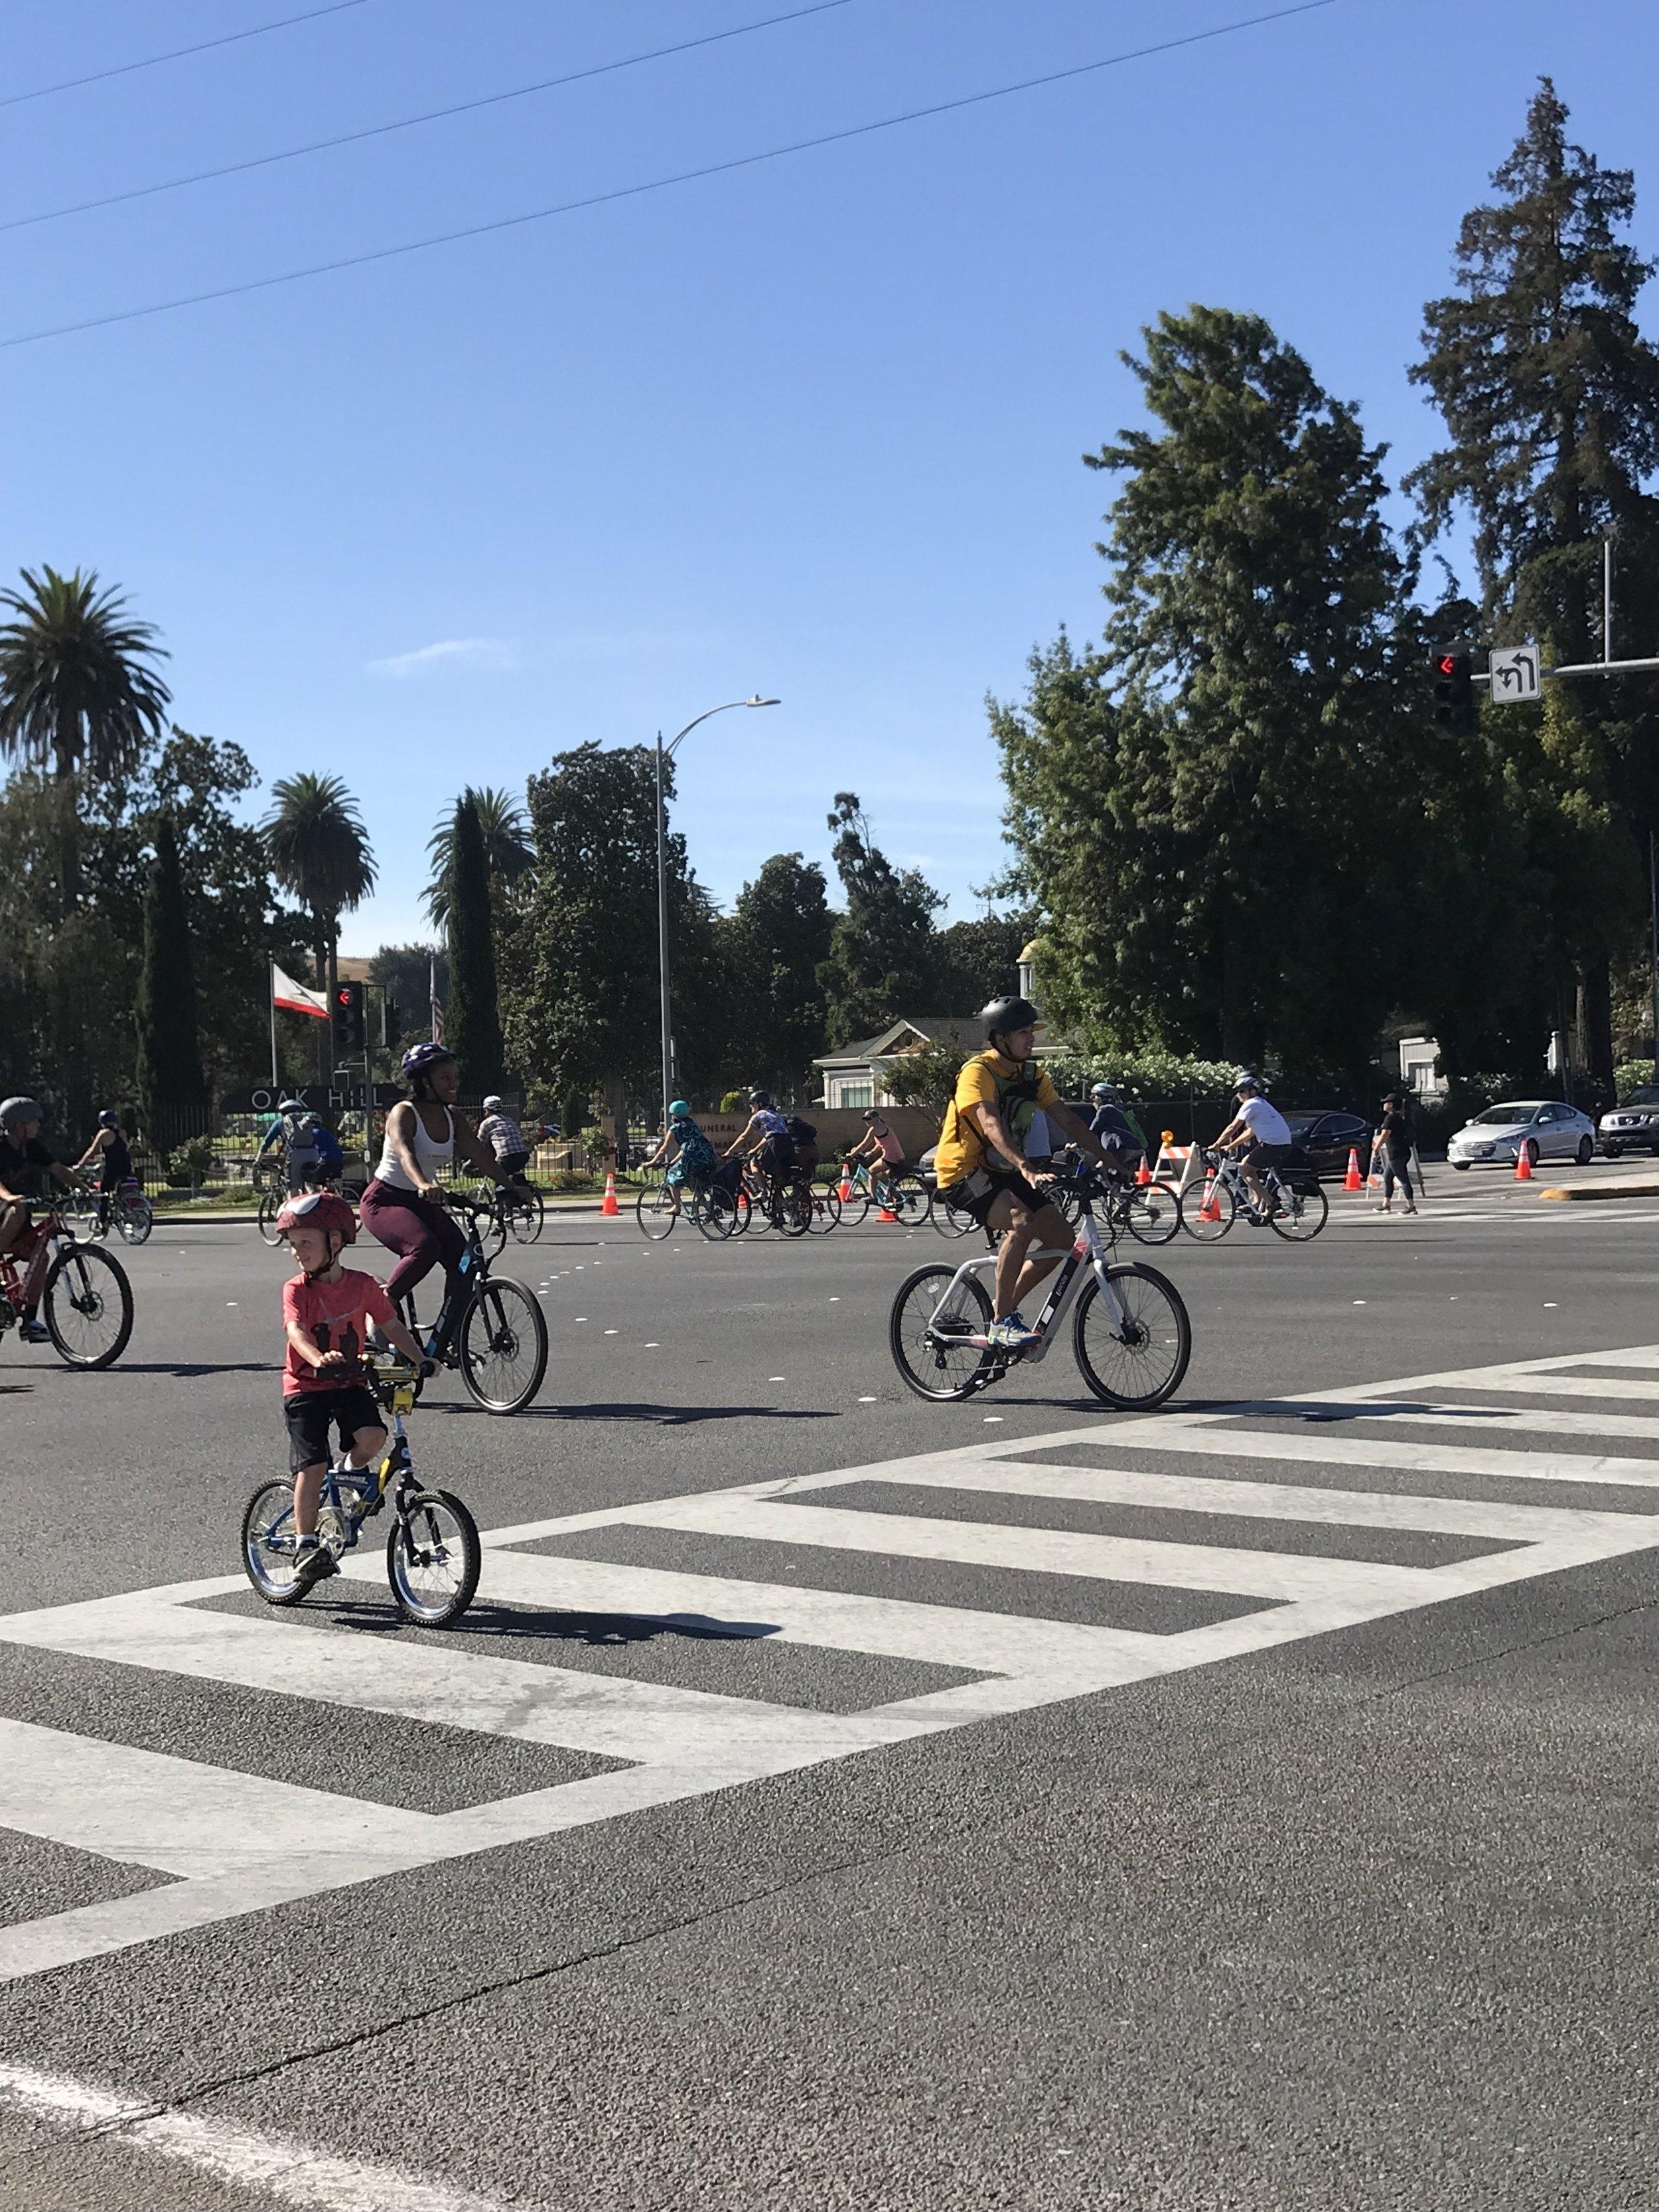 Trẻ con người lớn đều có mặt trên đường phố hôm nay.